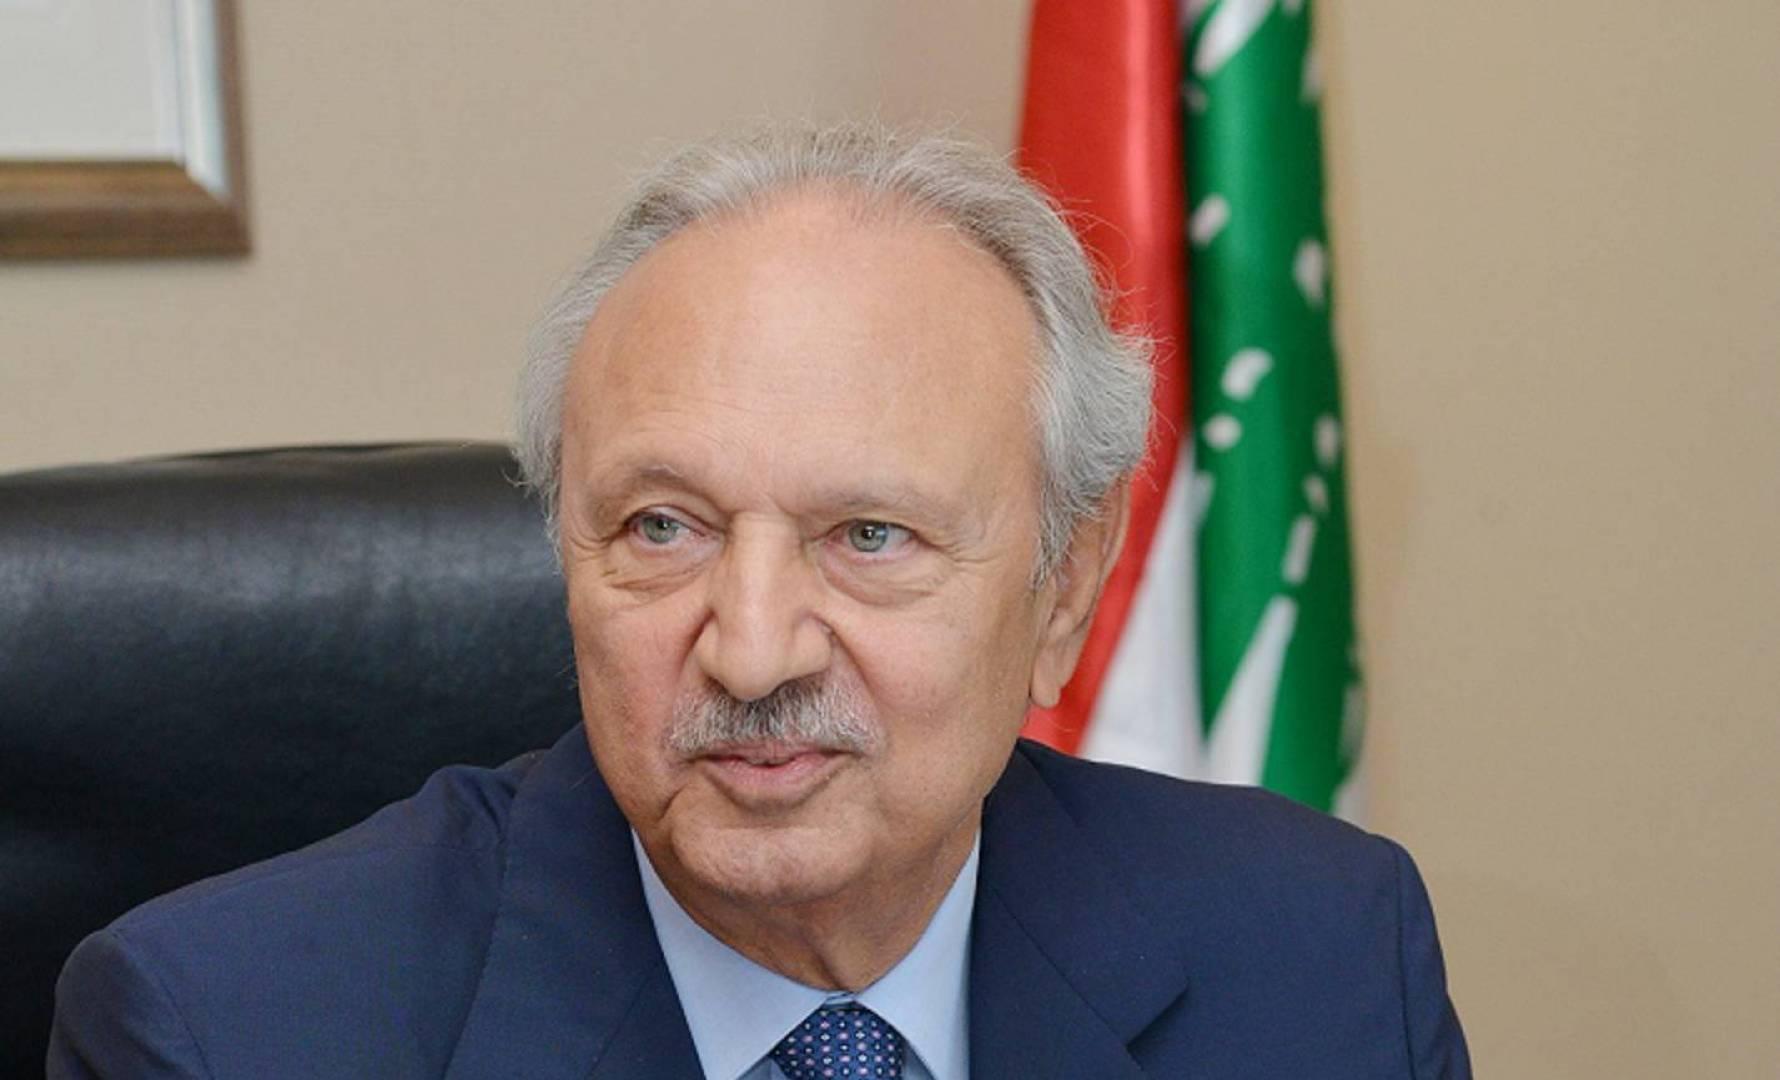 توافق مبدئي على اسم الوزير السابق محمد الصفدي لرئاسة الحكومة اللبنانية